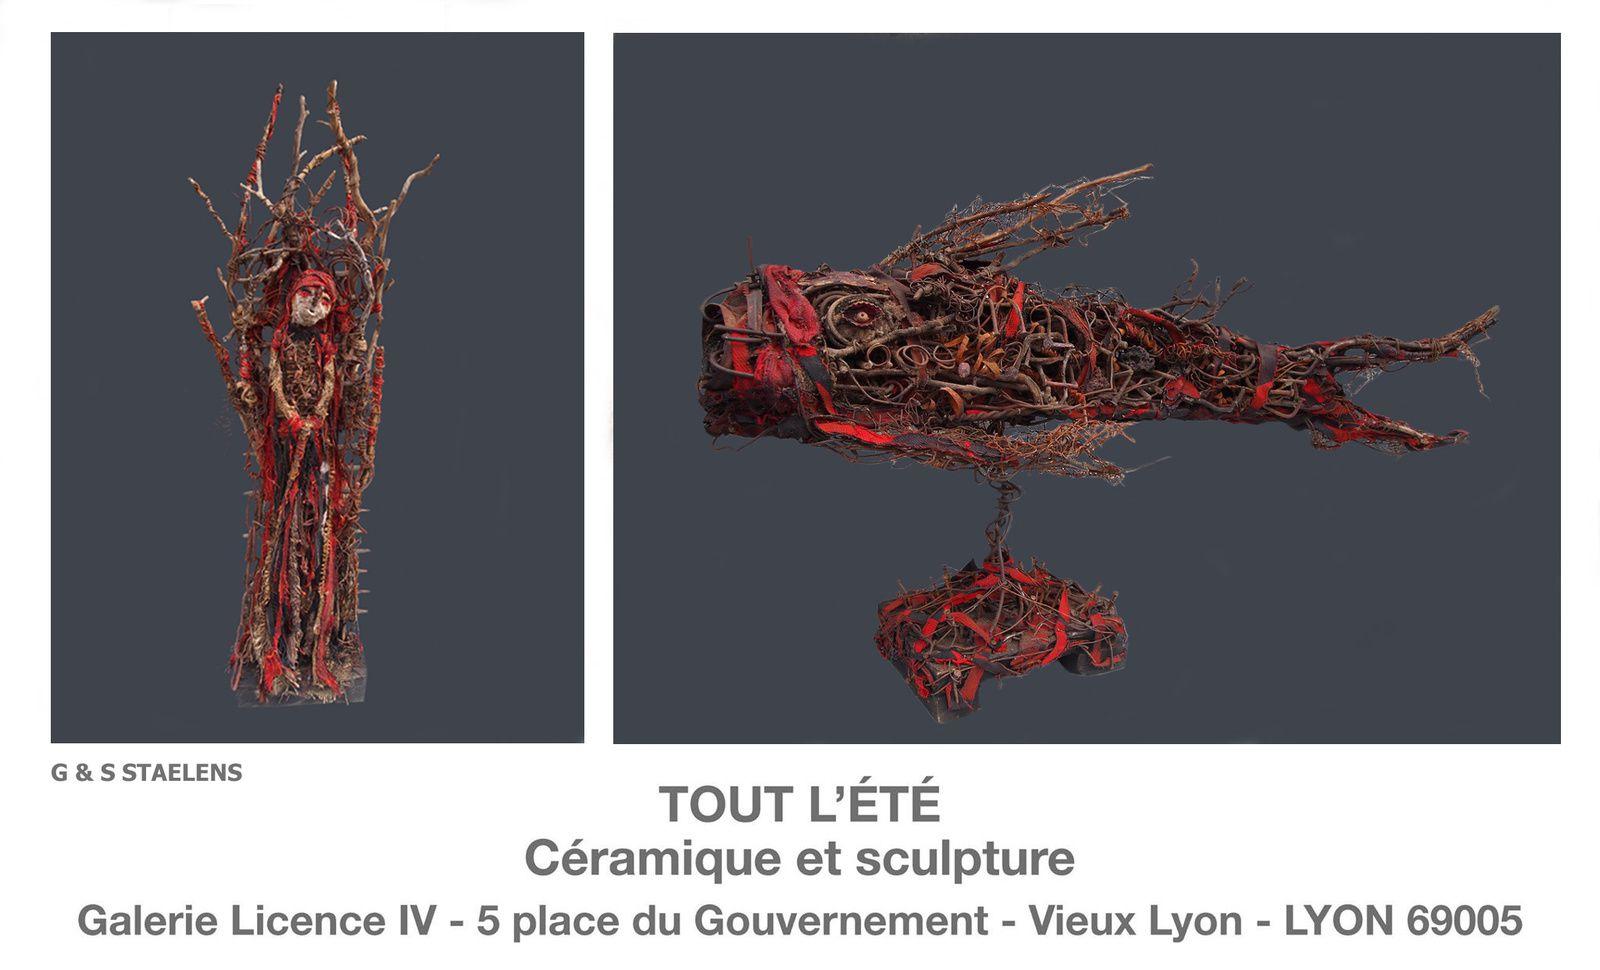 Exposition TOUT L'ÉTÉ à Lyon